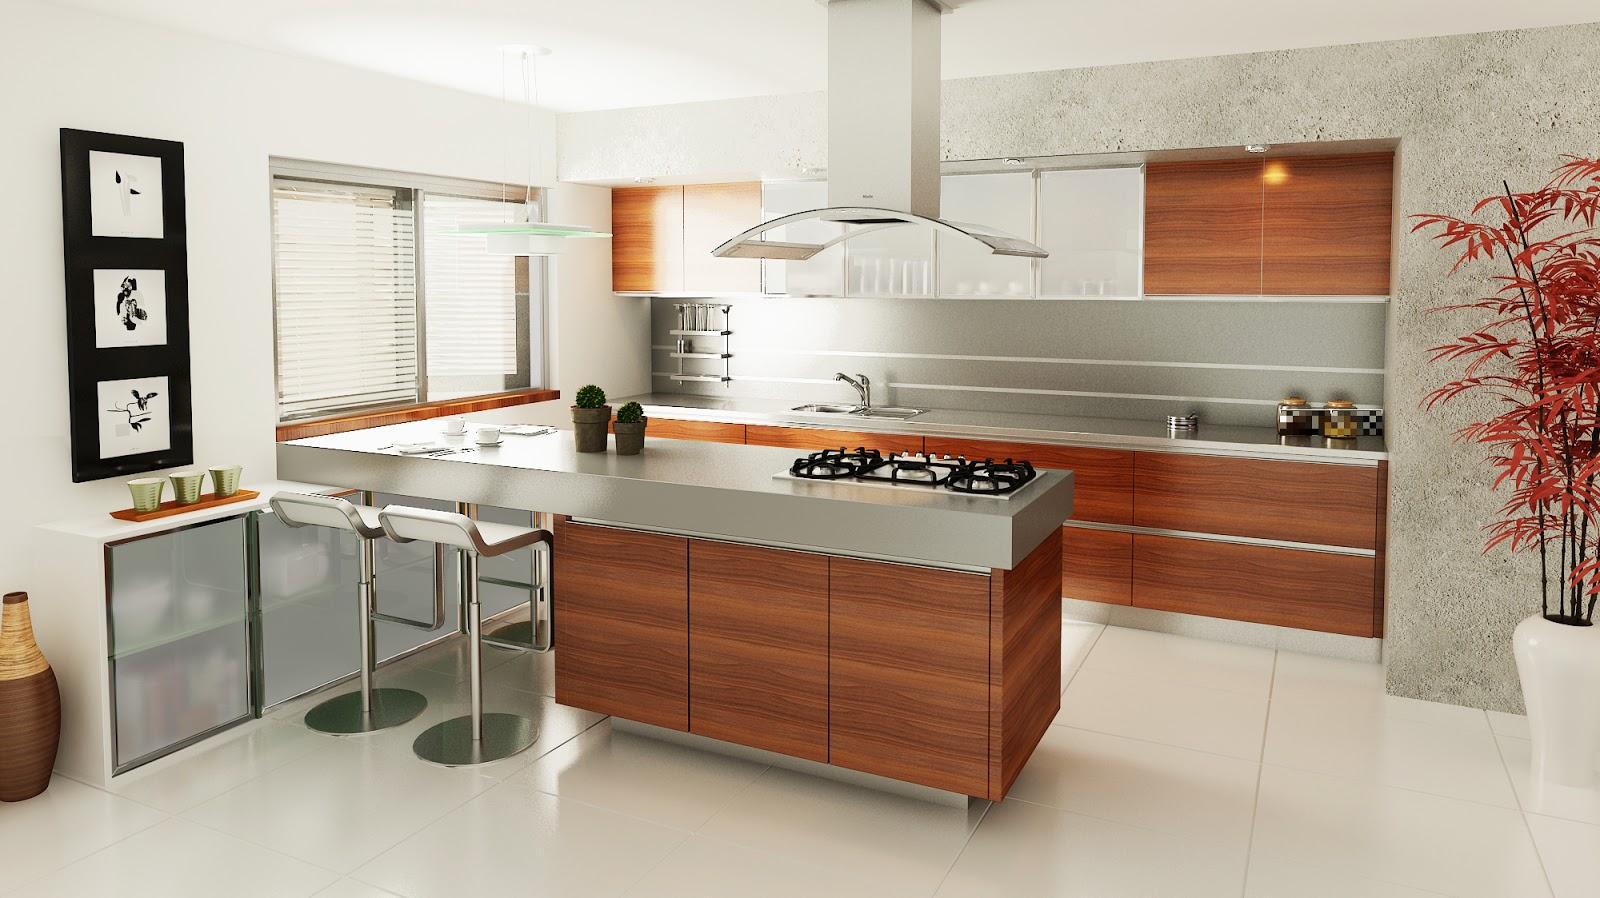 diseno de interiores cocinas dise os arquitect nicos